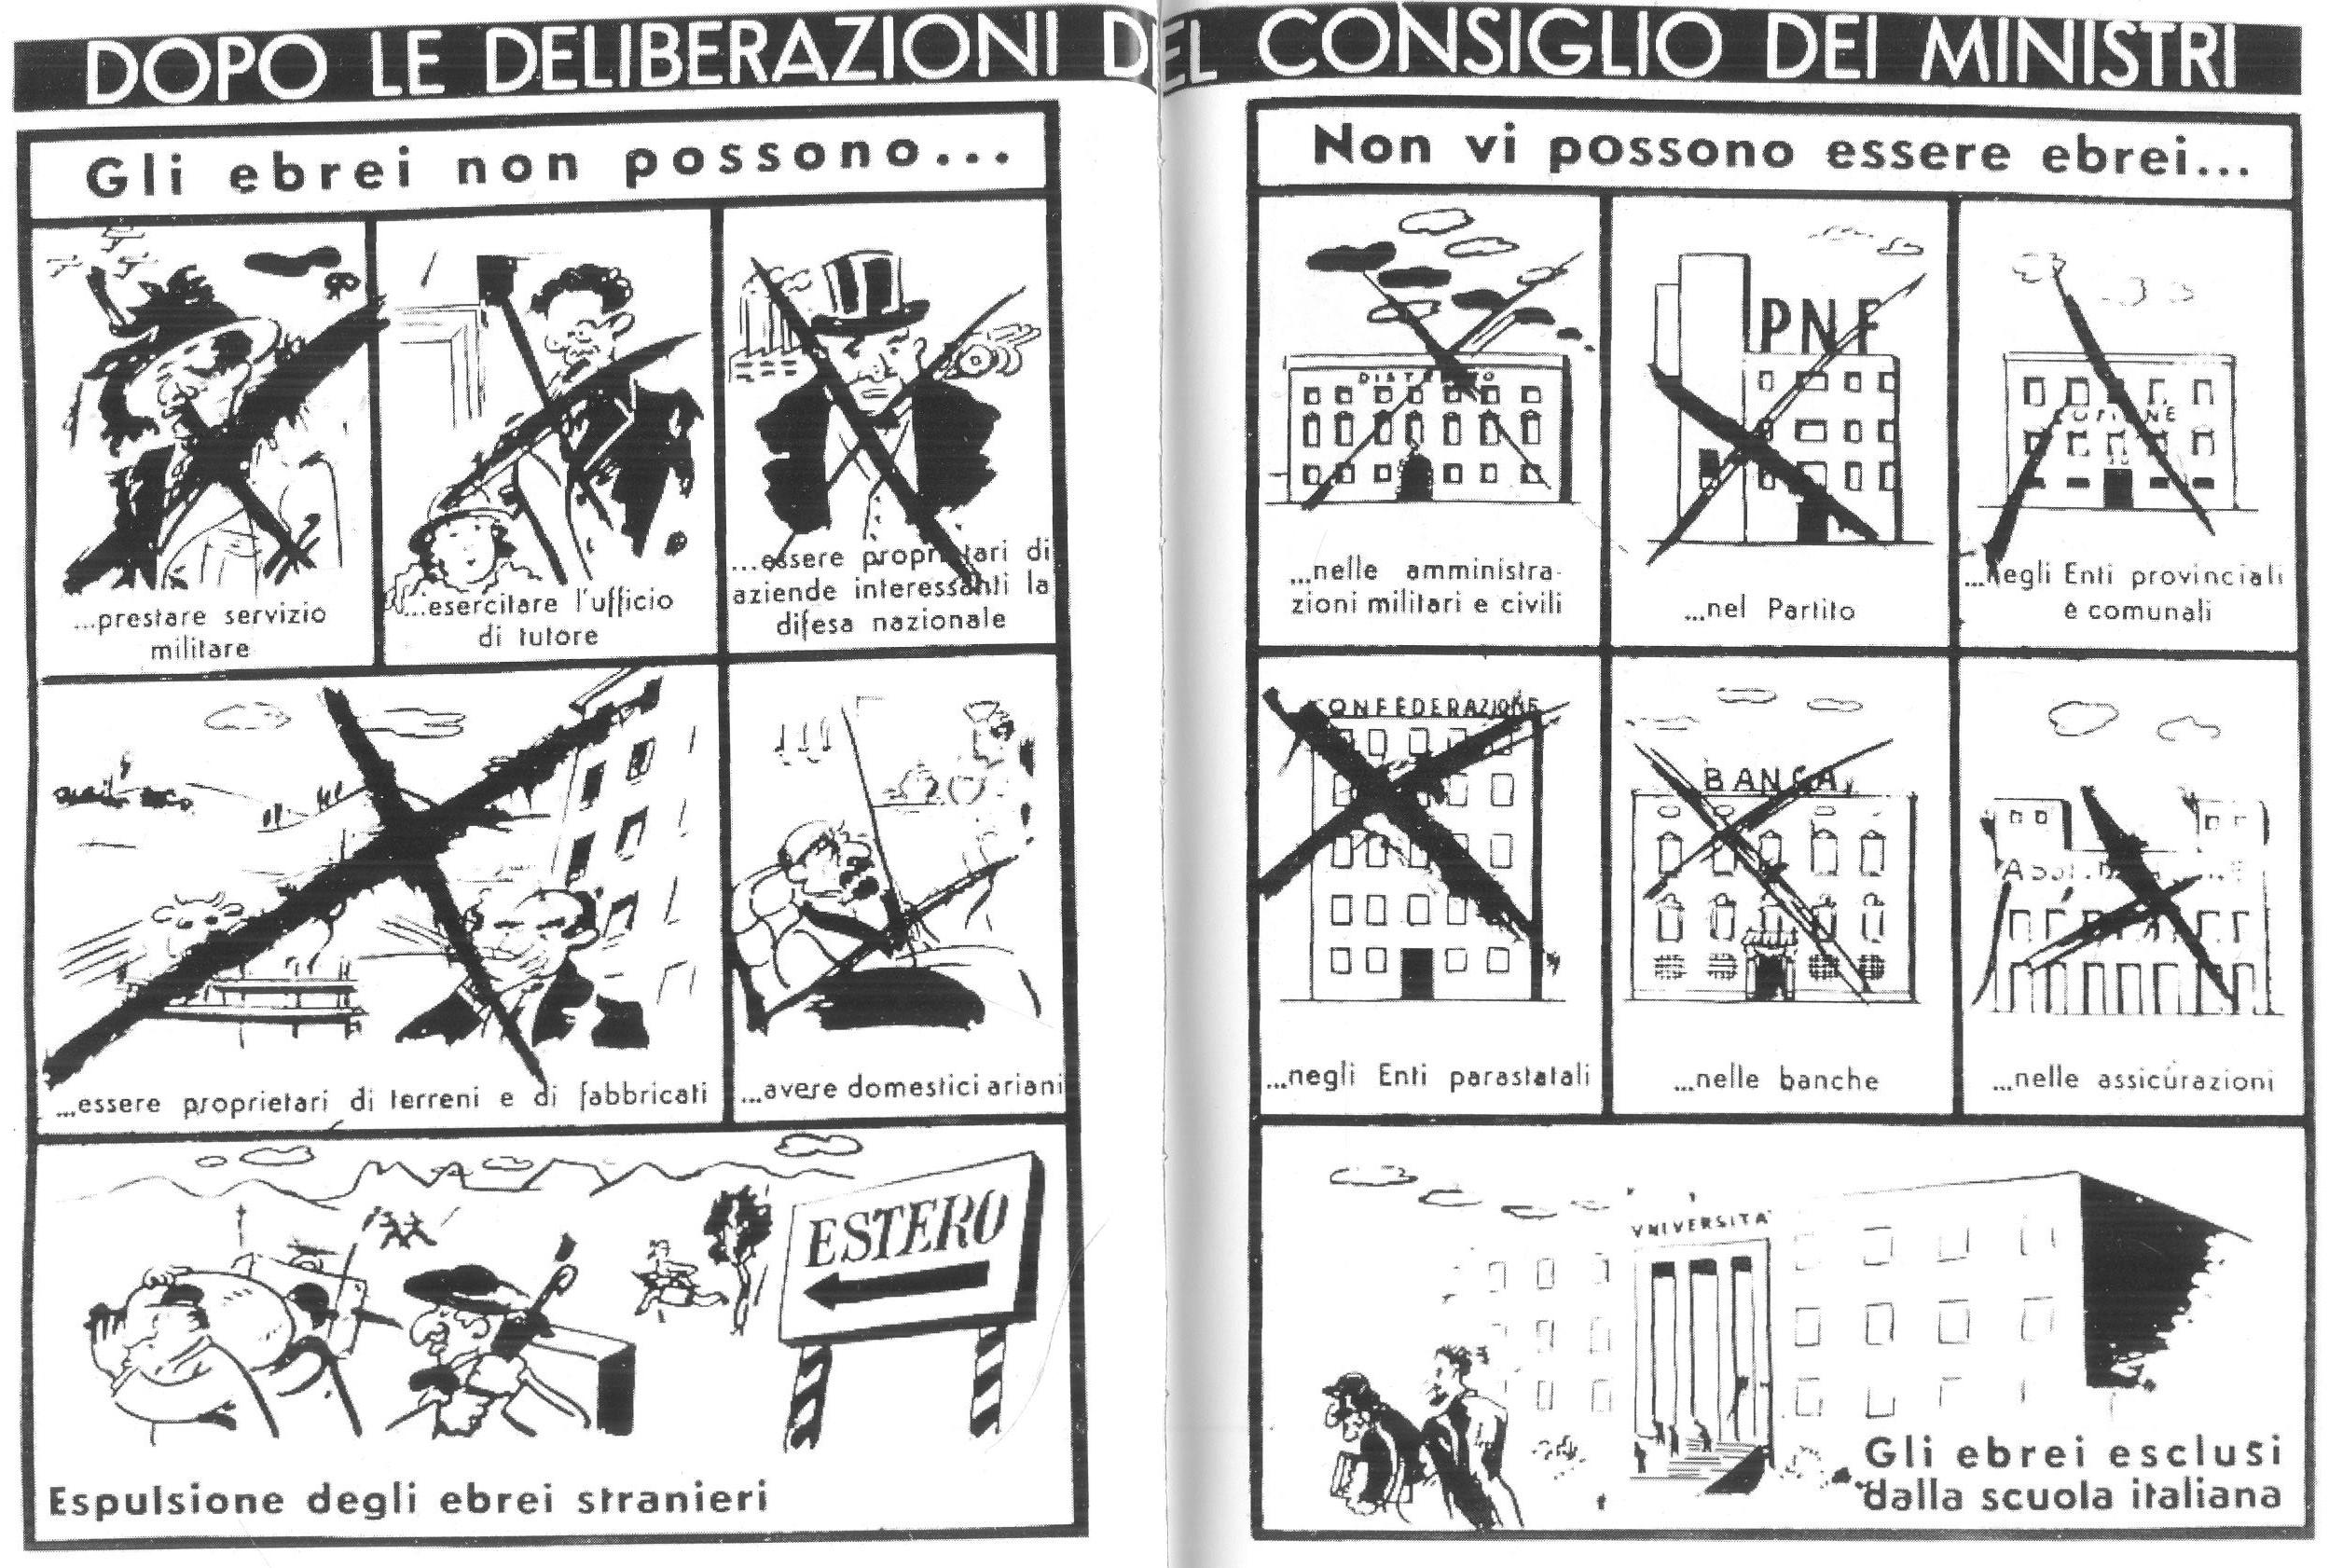 Italië 1938: Mussolini antisemiet, een document